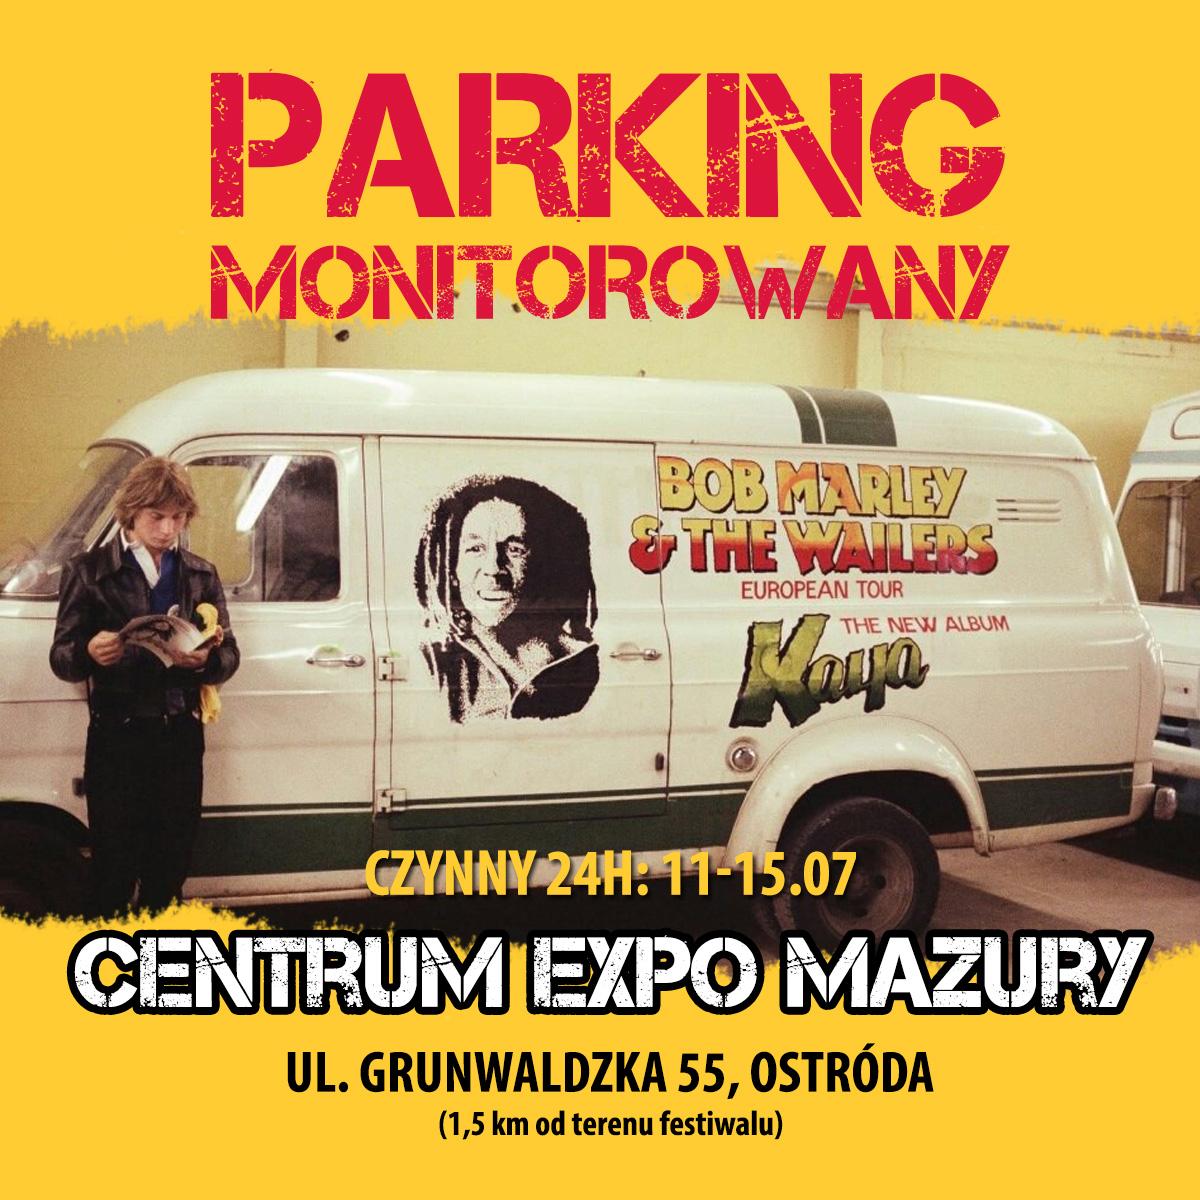 Monitorowany parking